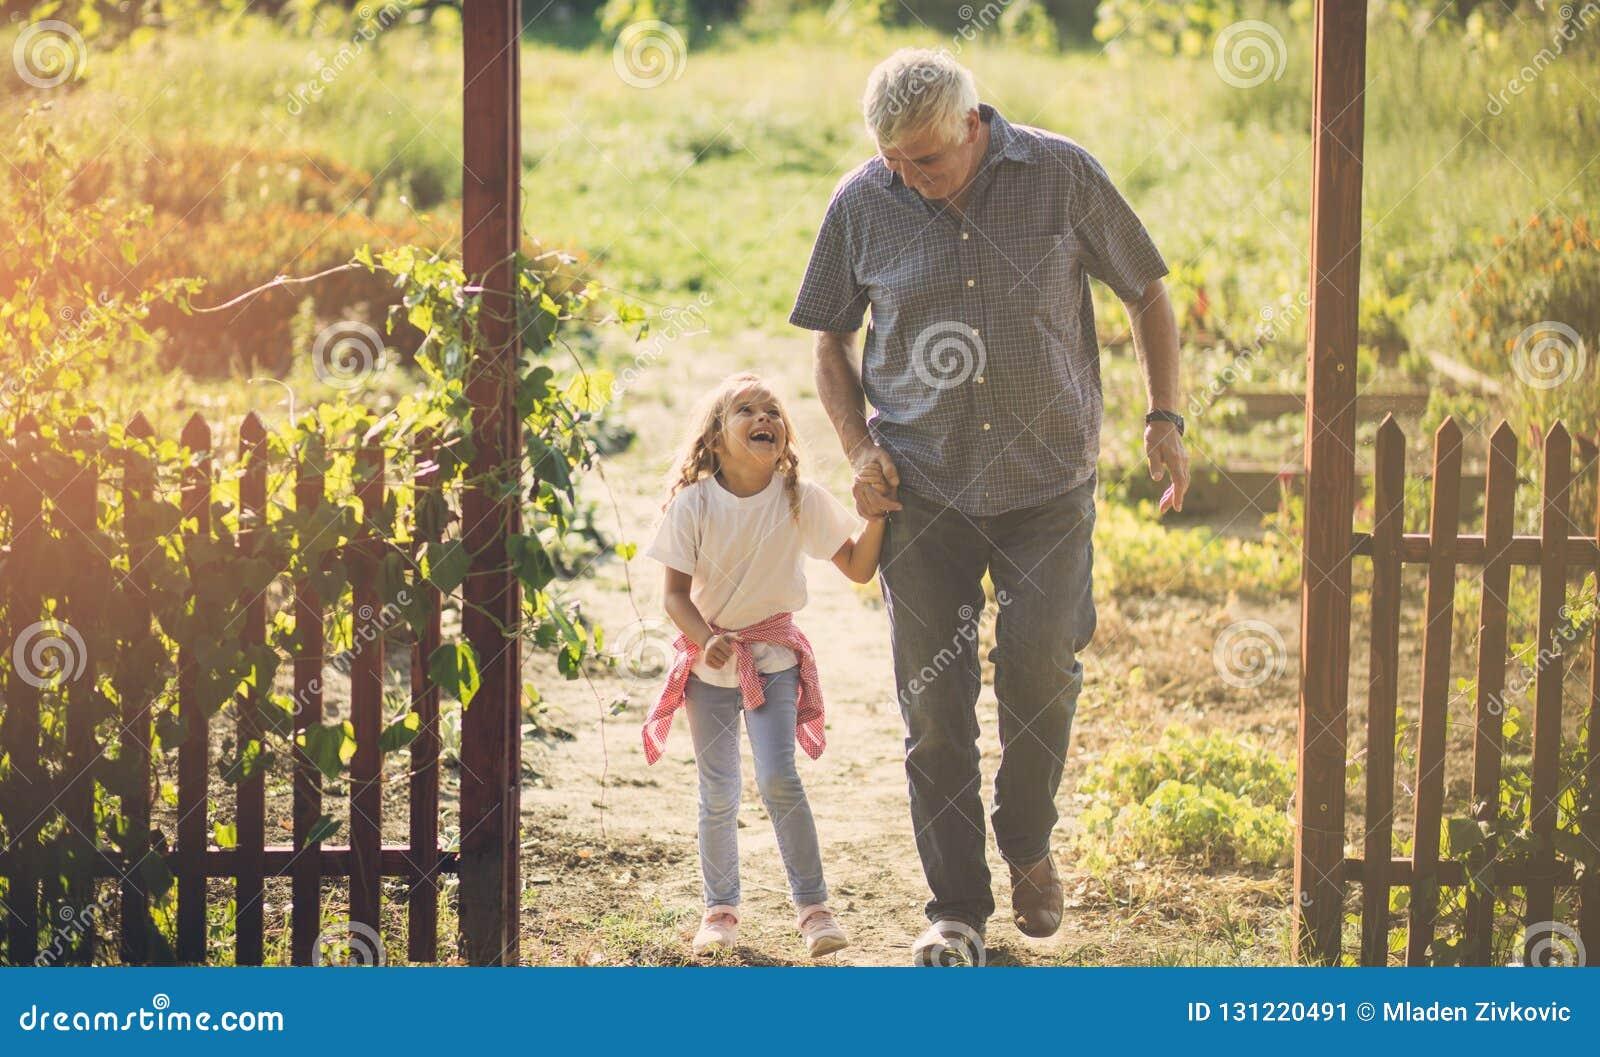 Zij geniet van sprekend aan haar grootvader